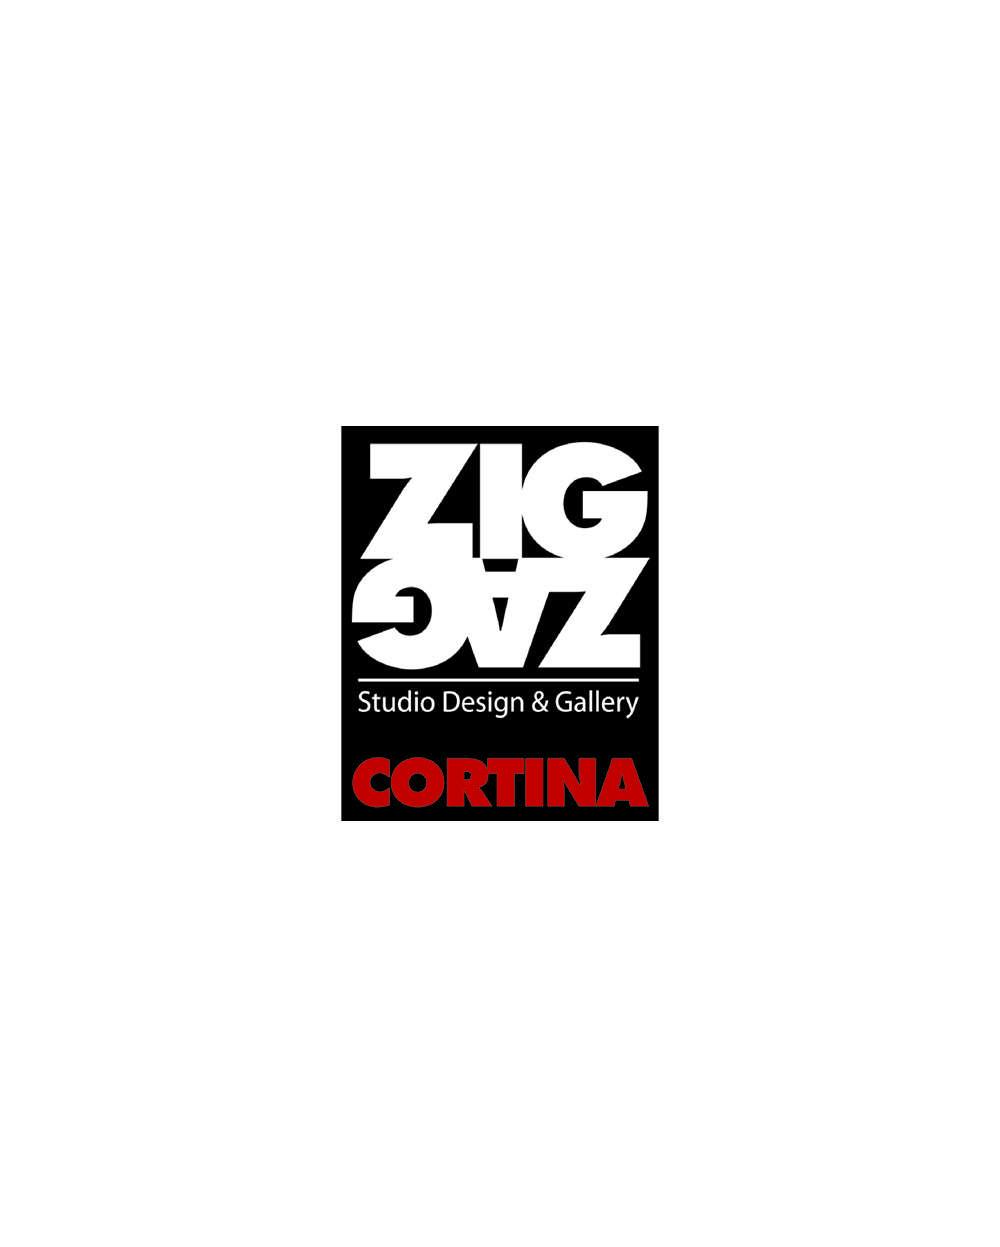 Zig Zag Cortina